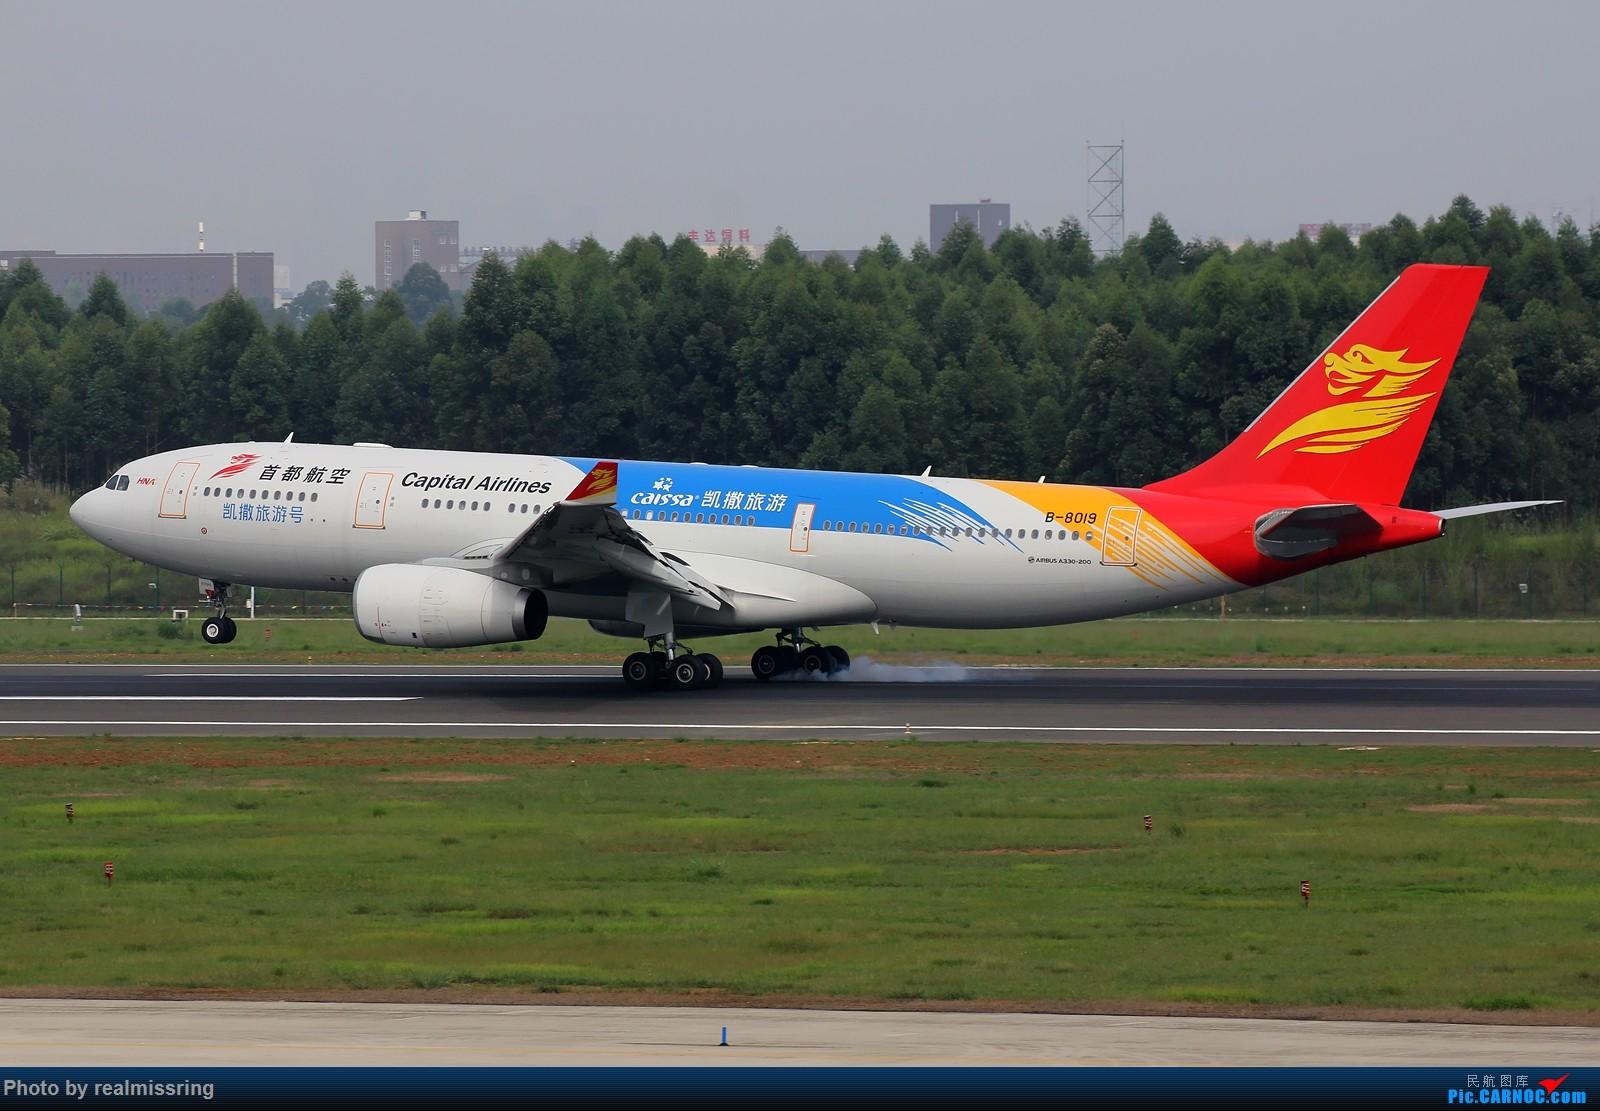 Re:[原创]首都航空凯撒旅游号CTU02R落地 AIRBUS A330-200 B-8019 中国成都双流国际机场